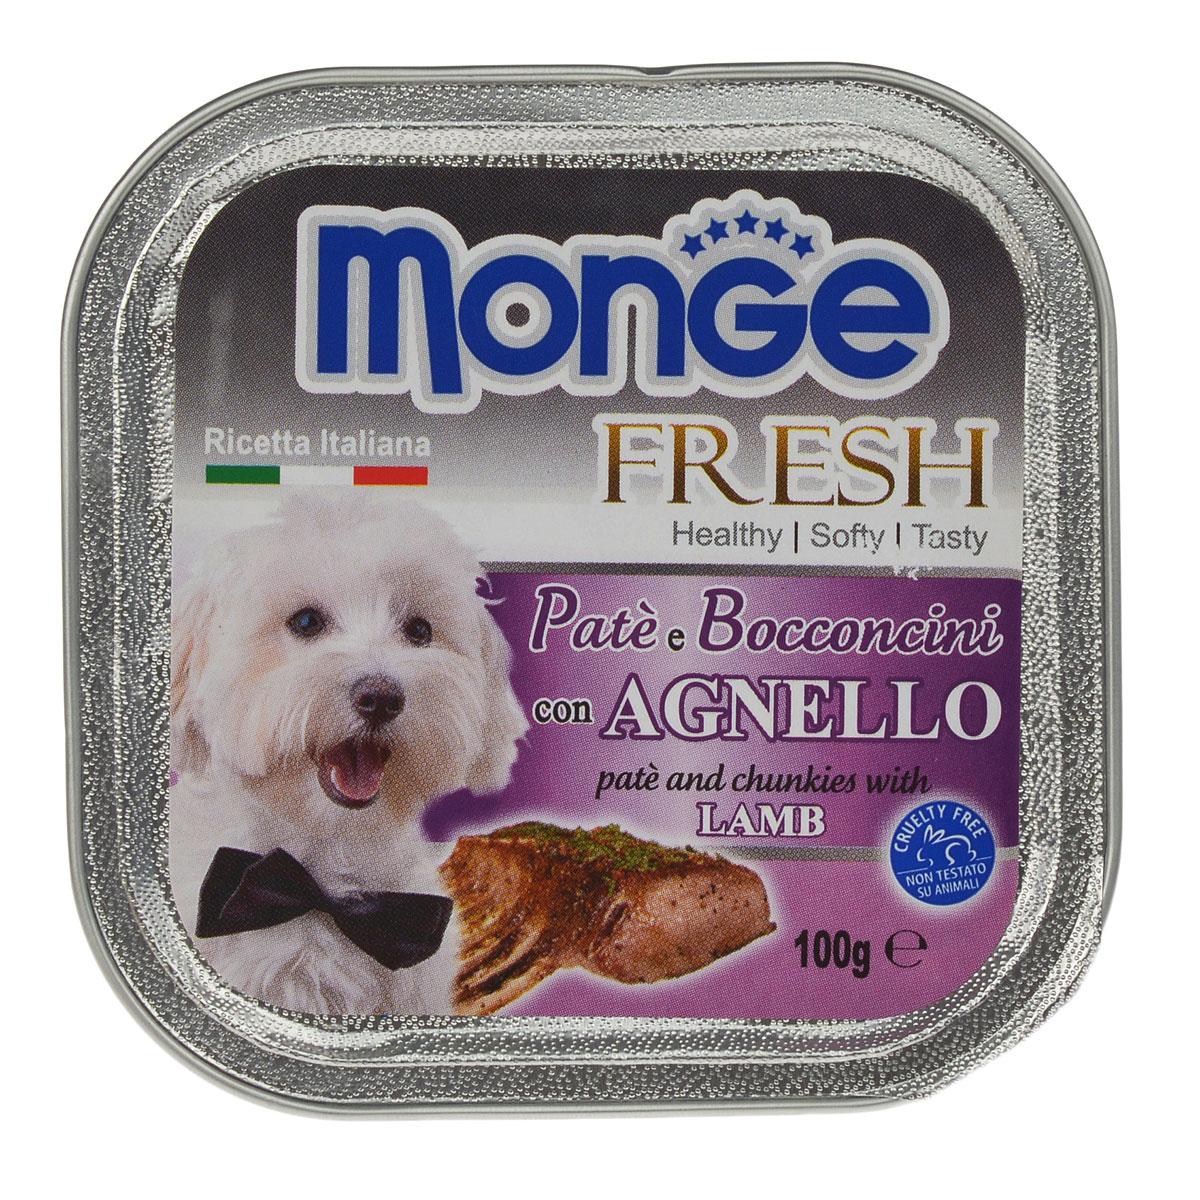 Консервы для собак Monge Fresh, с ягненком, 100 г0120710Консервы для собак Monge Fresh - полнорационный корм для собак. Паштет из мяса ягненка. Состав: свежее мясо 80% (содержание баранины мин. 10%), минеральные вещества, витамины. Технологические добавки: загустители и желирующие вещества. Анализ компонентов: белок 9%, жир 7%, сырая клетчатка 0,5%, сырая зола 1,2%, влажность 82%. Витамины и добавки на 1 кг: витамин А 3000МЕ, витамин D3 400 МЕ, витамин Е 15 мг. Товар сертифицирован.